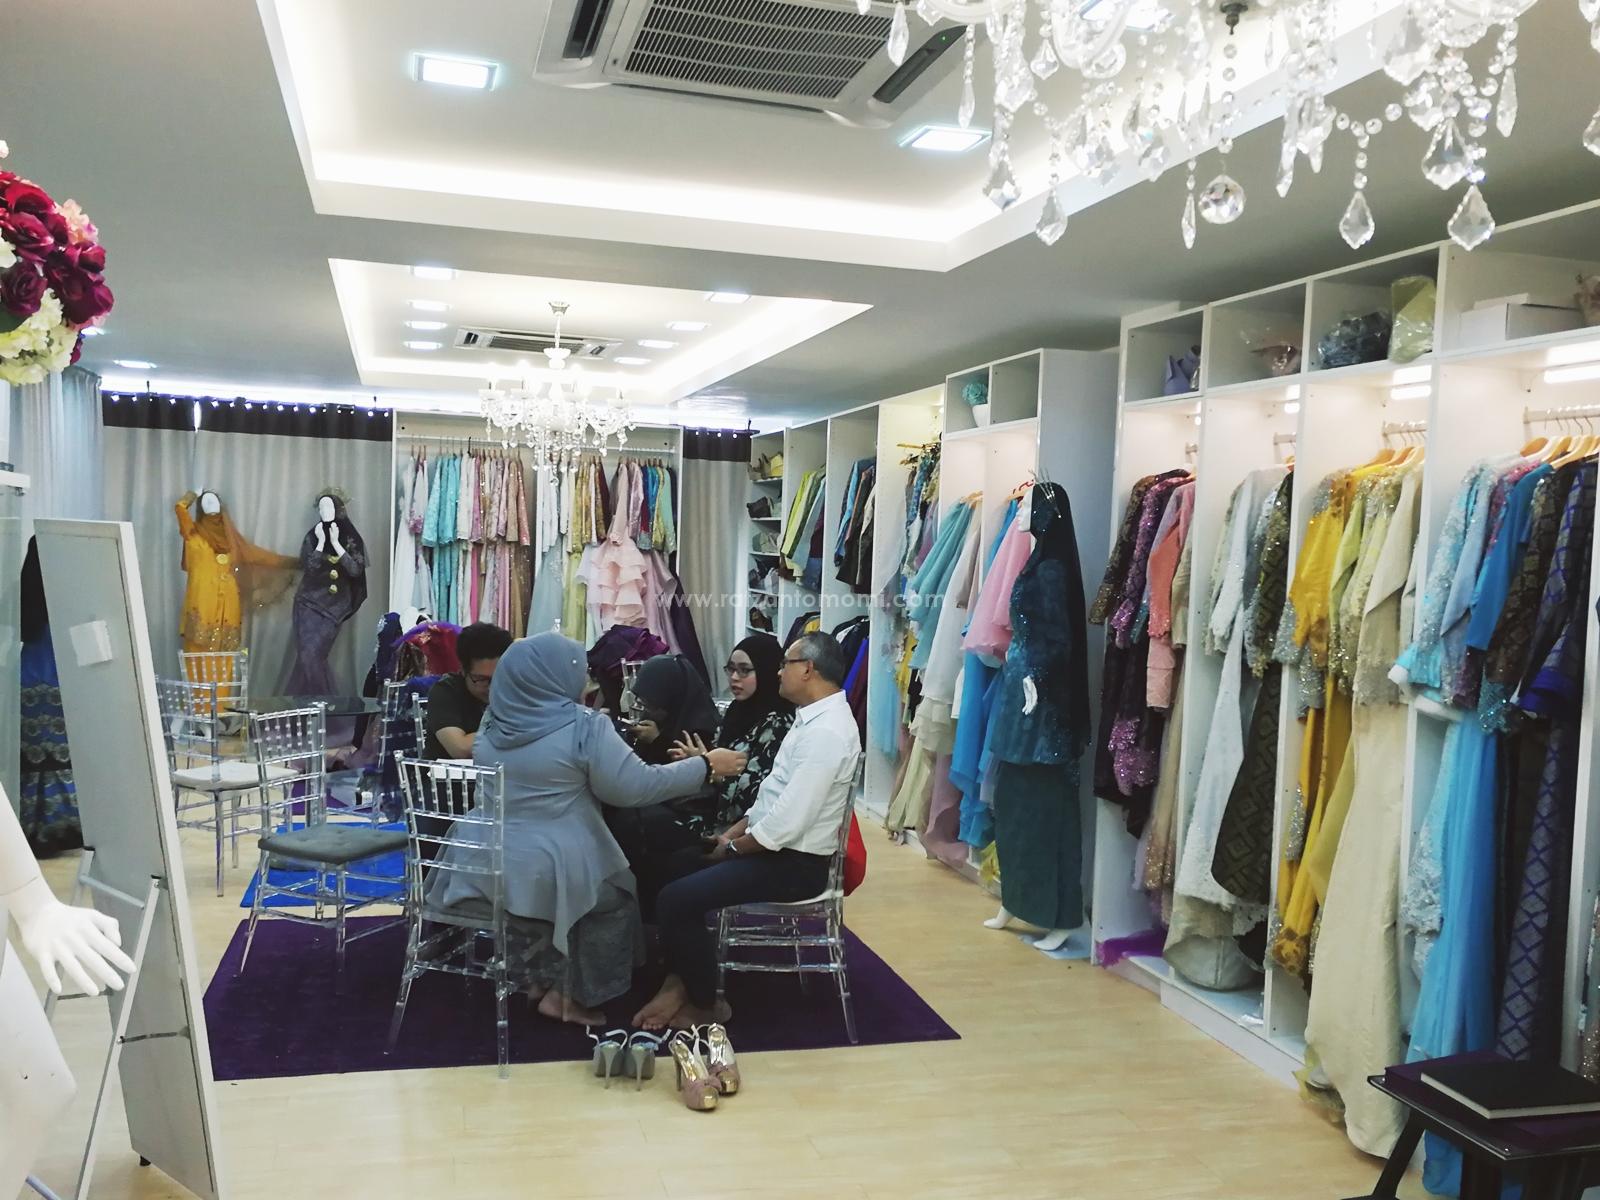 Ambassador Putrajaya By Hanana Group - Menawarkan Pakej Perkahwinan Yang Lengkap Dengan Harga Berpatutan